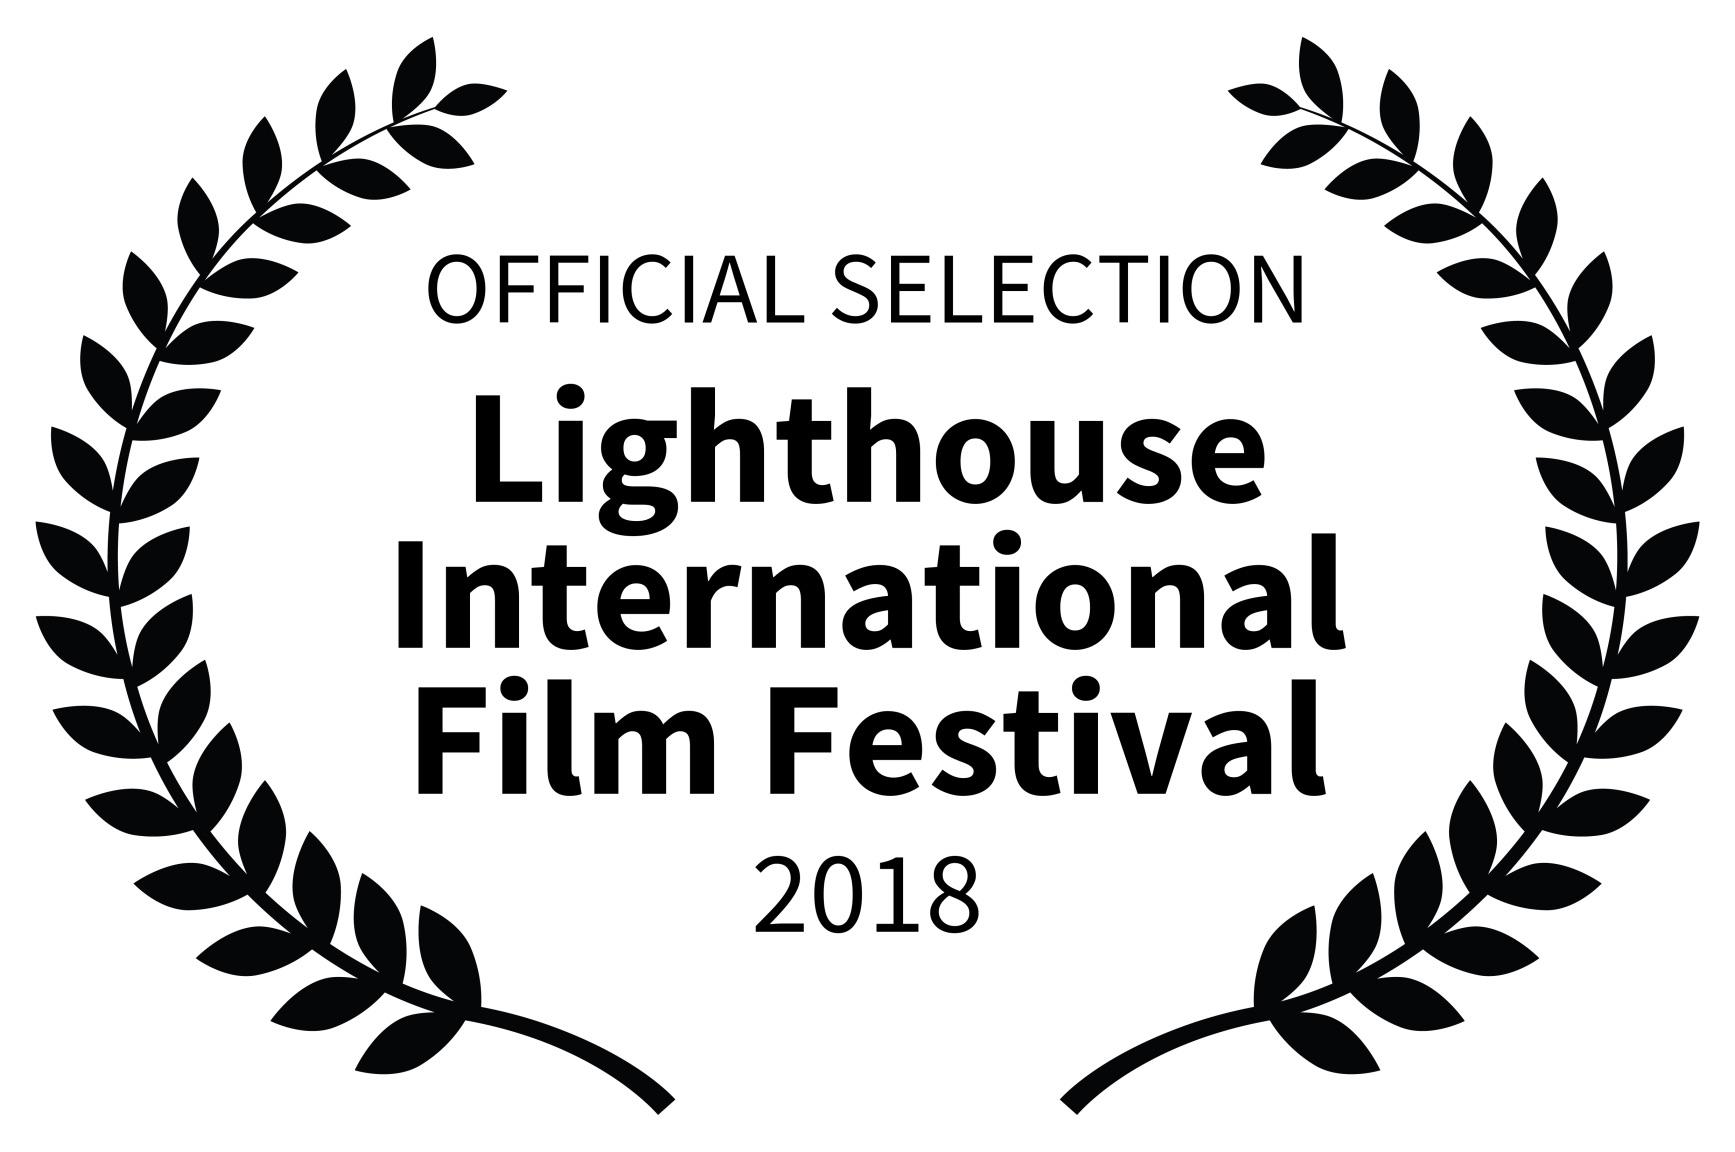 OFFICIAL SELECTION - Lighthouse International Film Festival - 2018.jpg